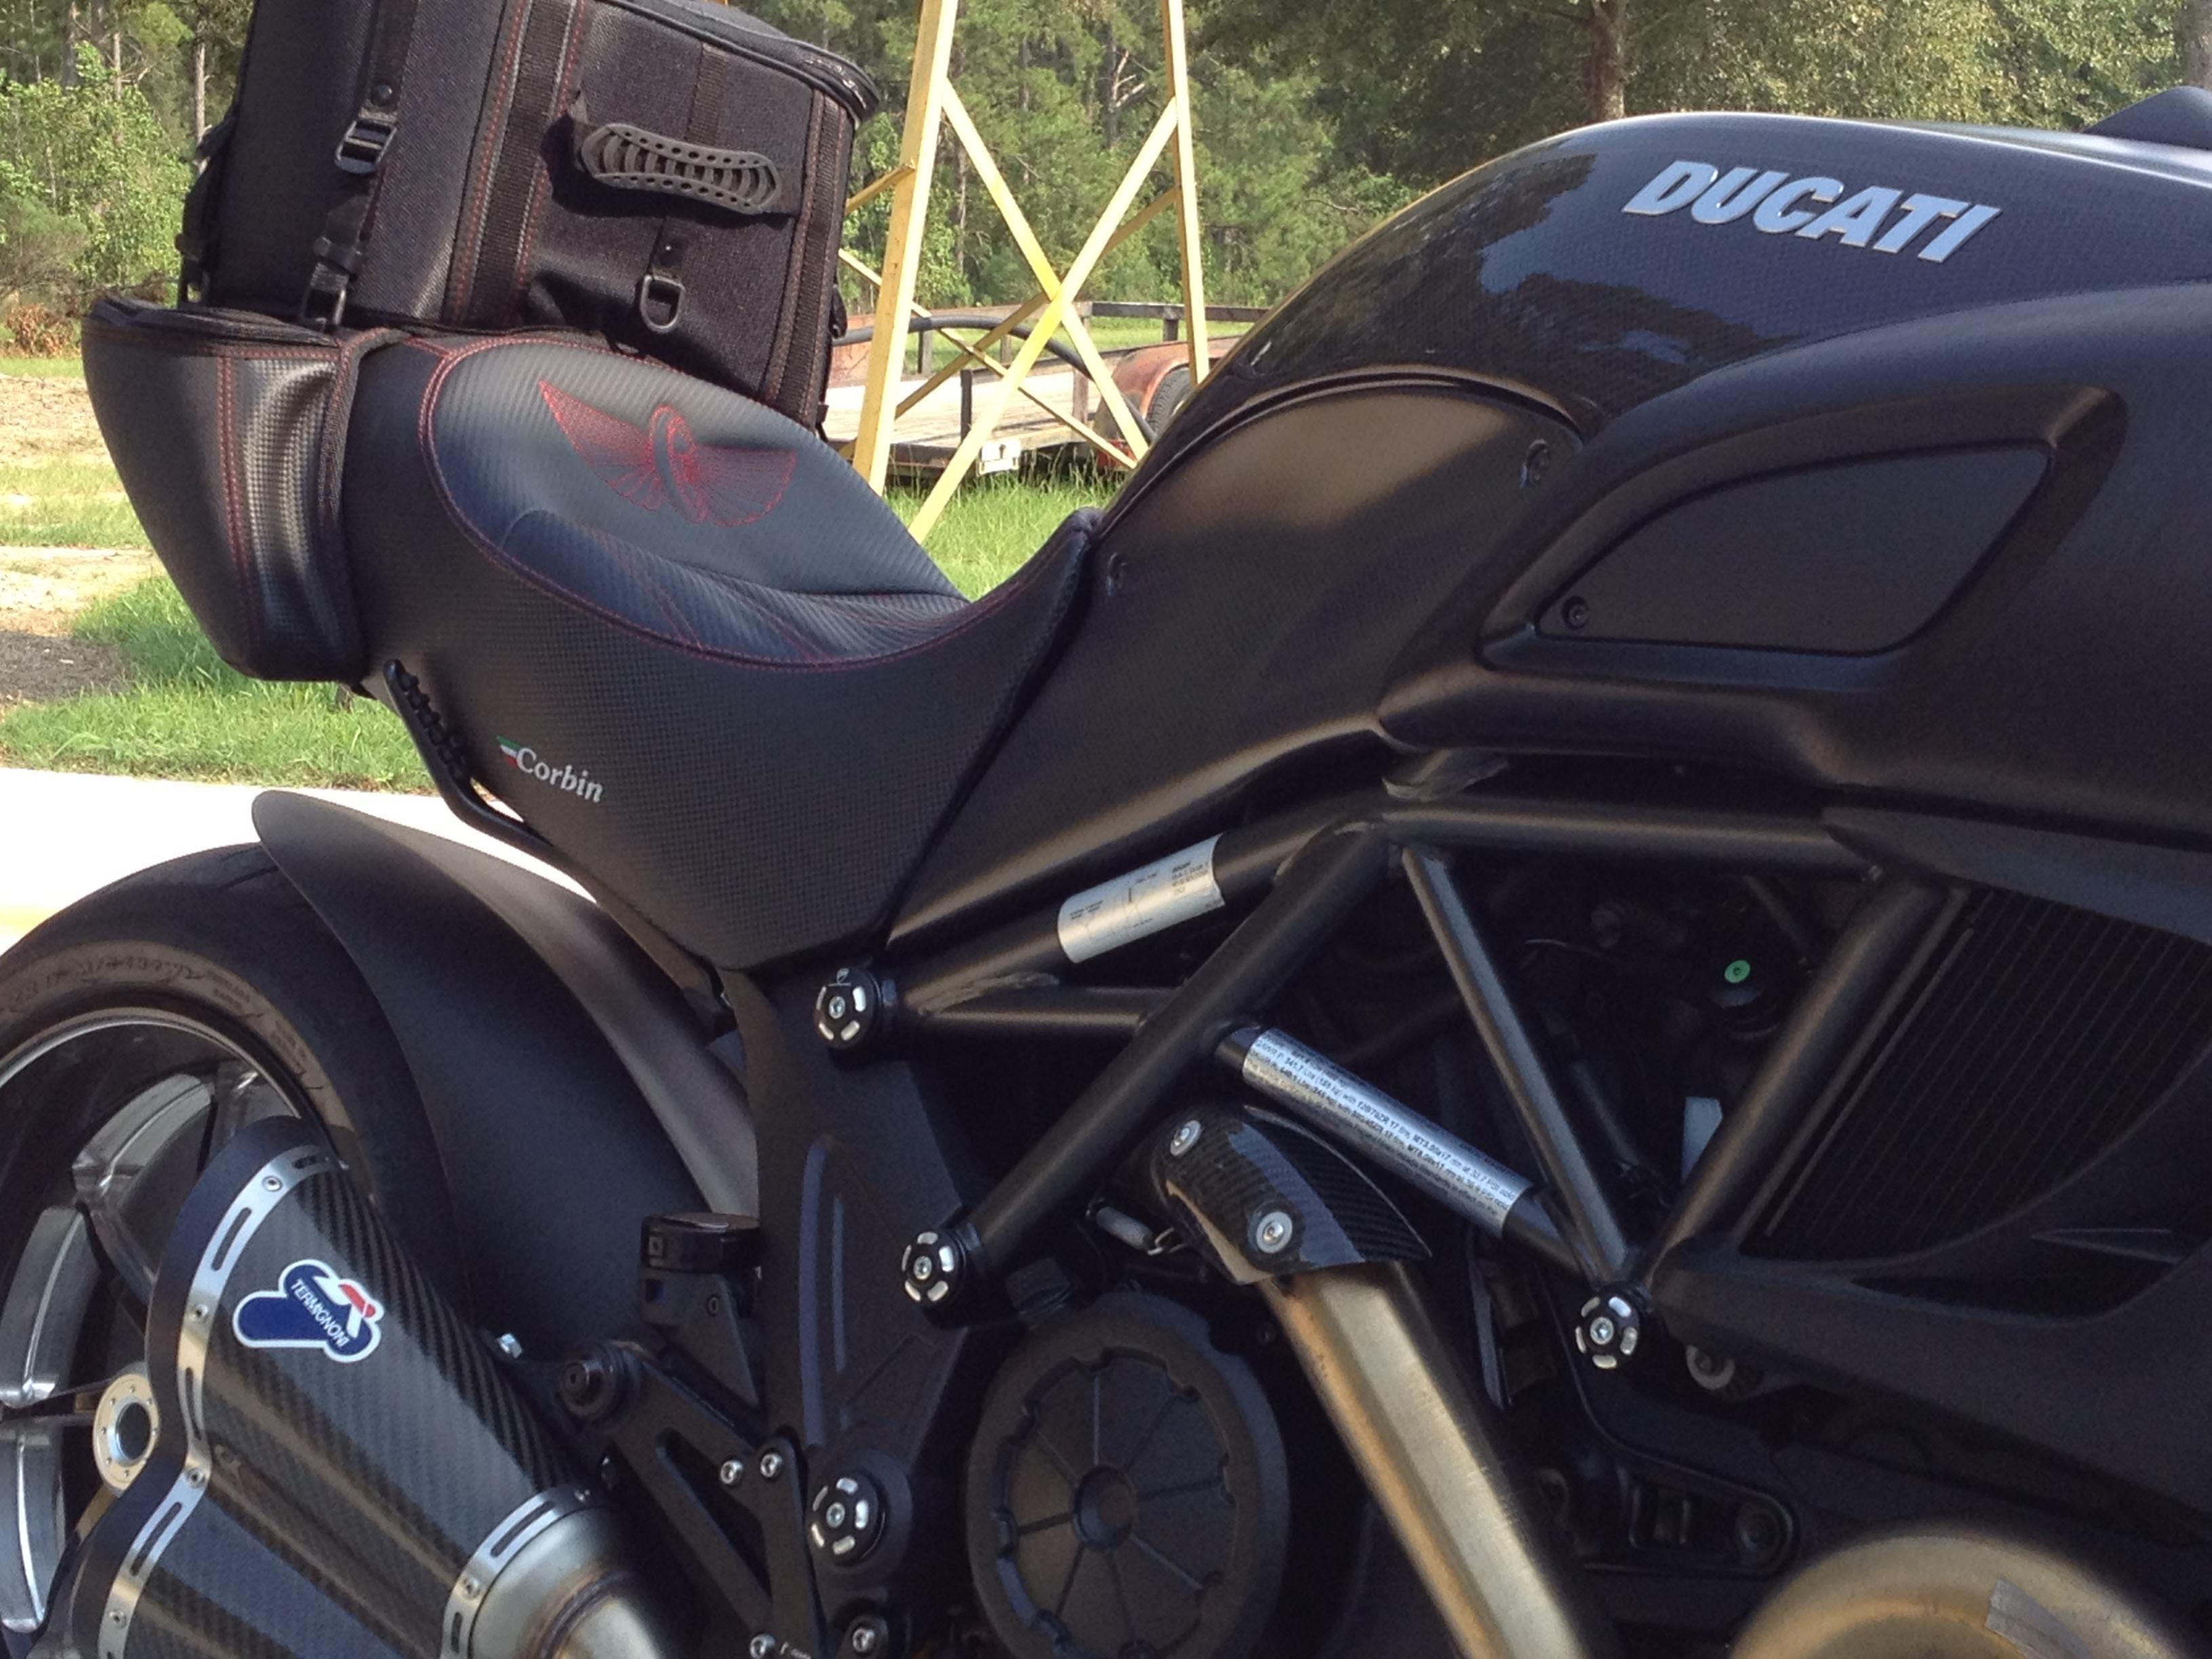 Ducati Backrest